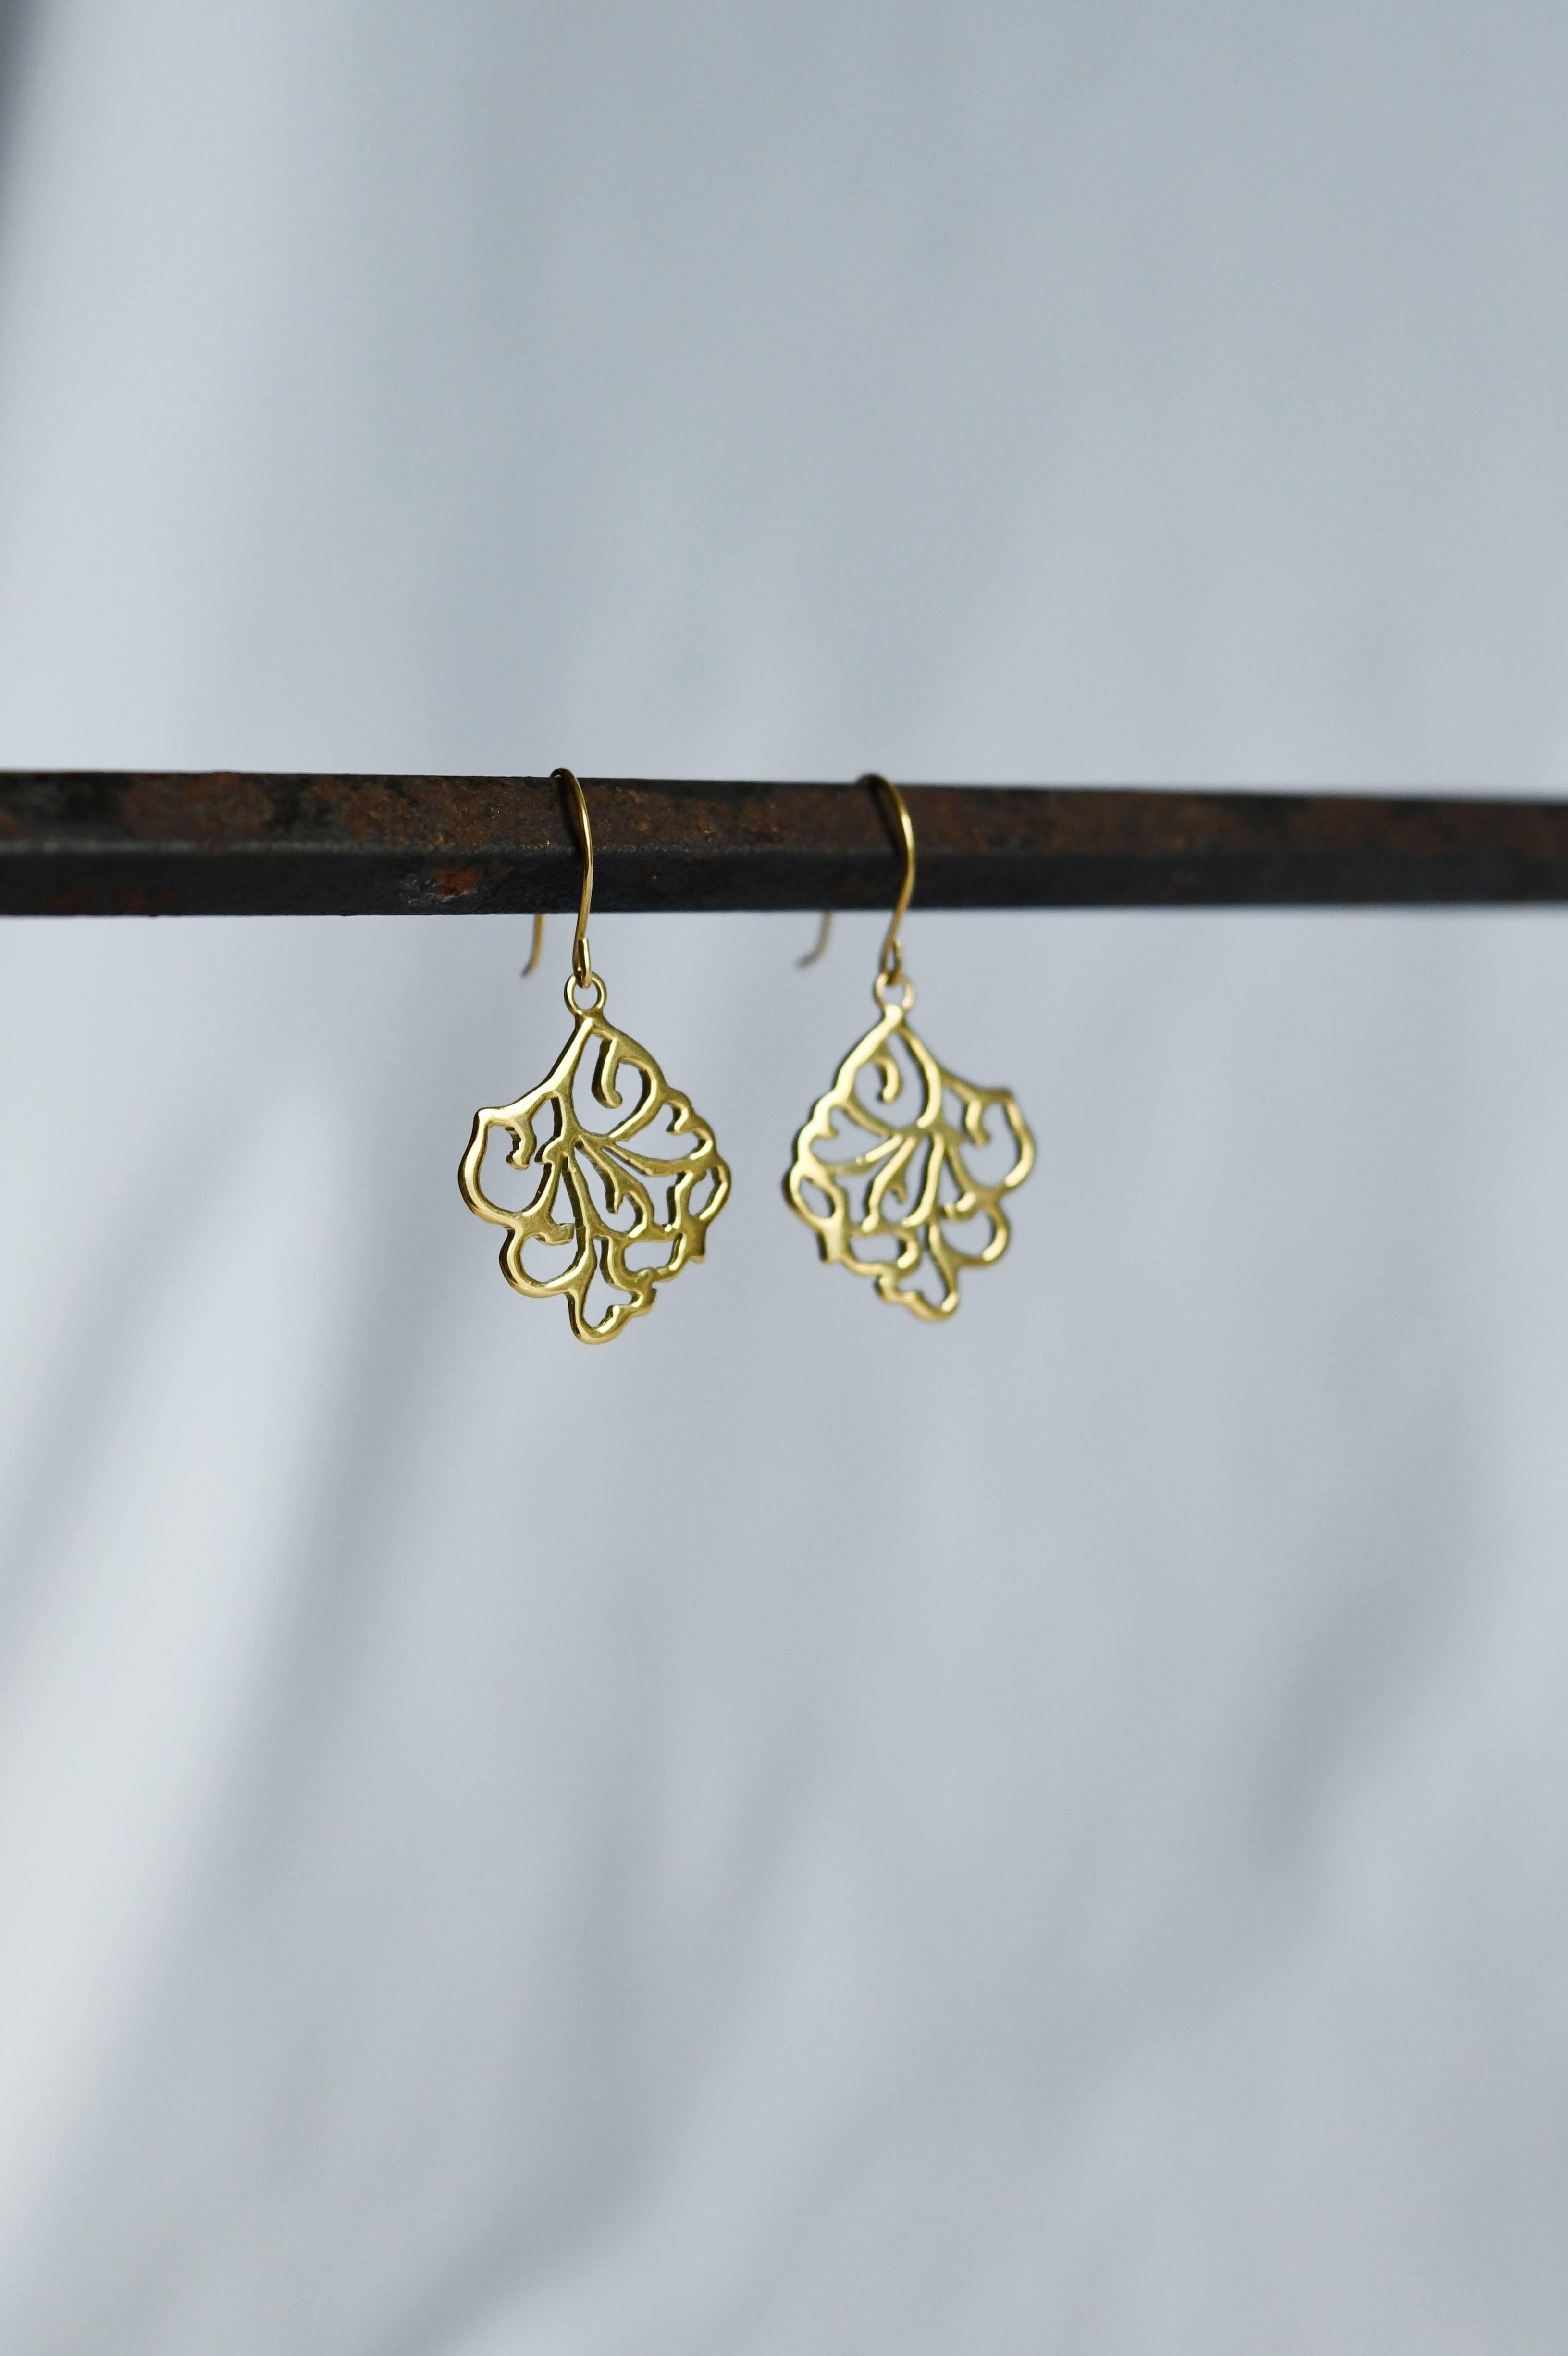 K18 Arabesque Design Square Earrings 18金アラベスクデザインピアス/イヤリング(スクエアー)